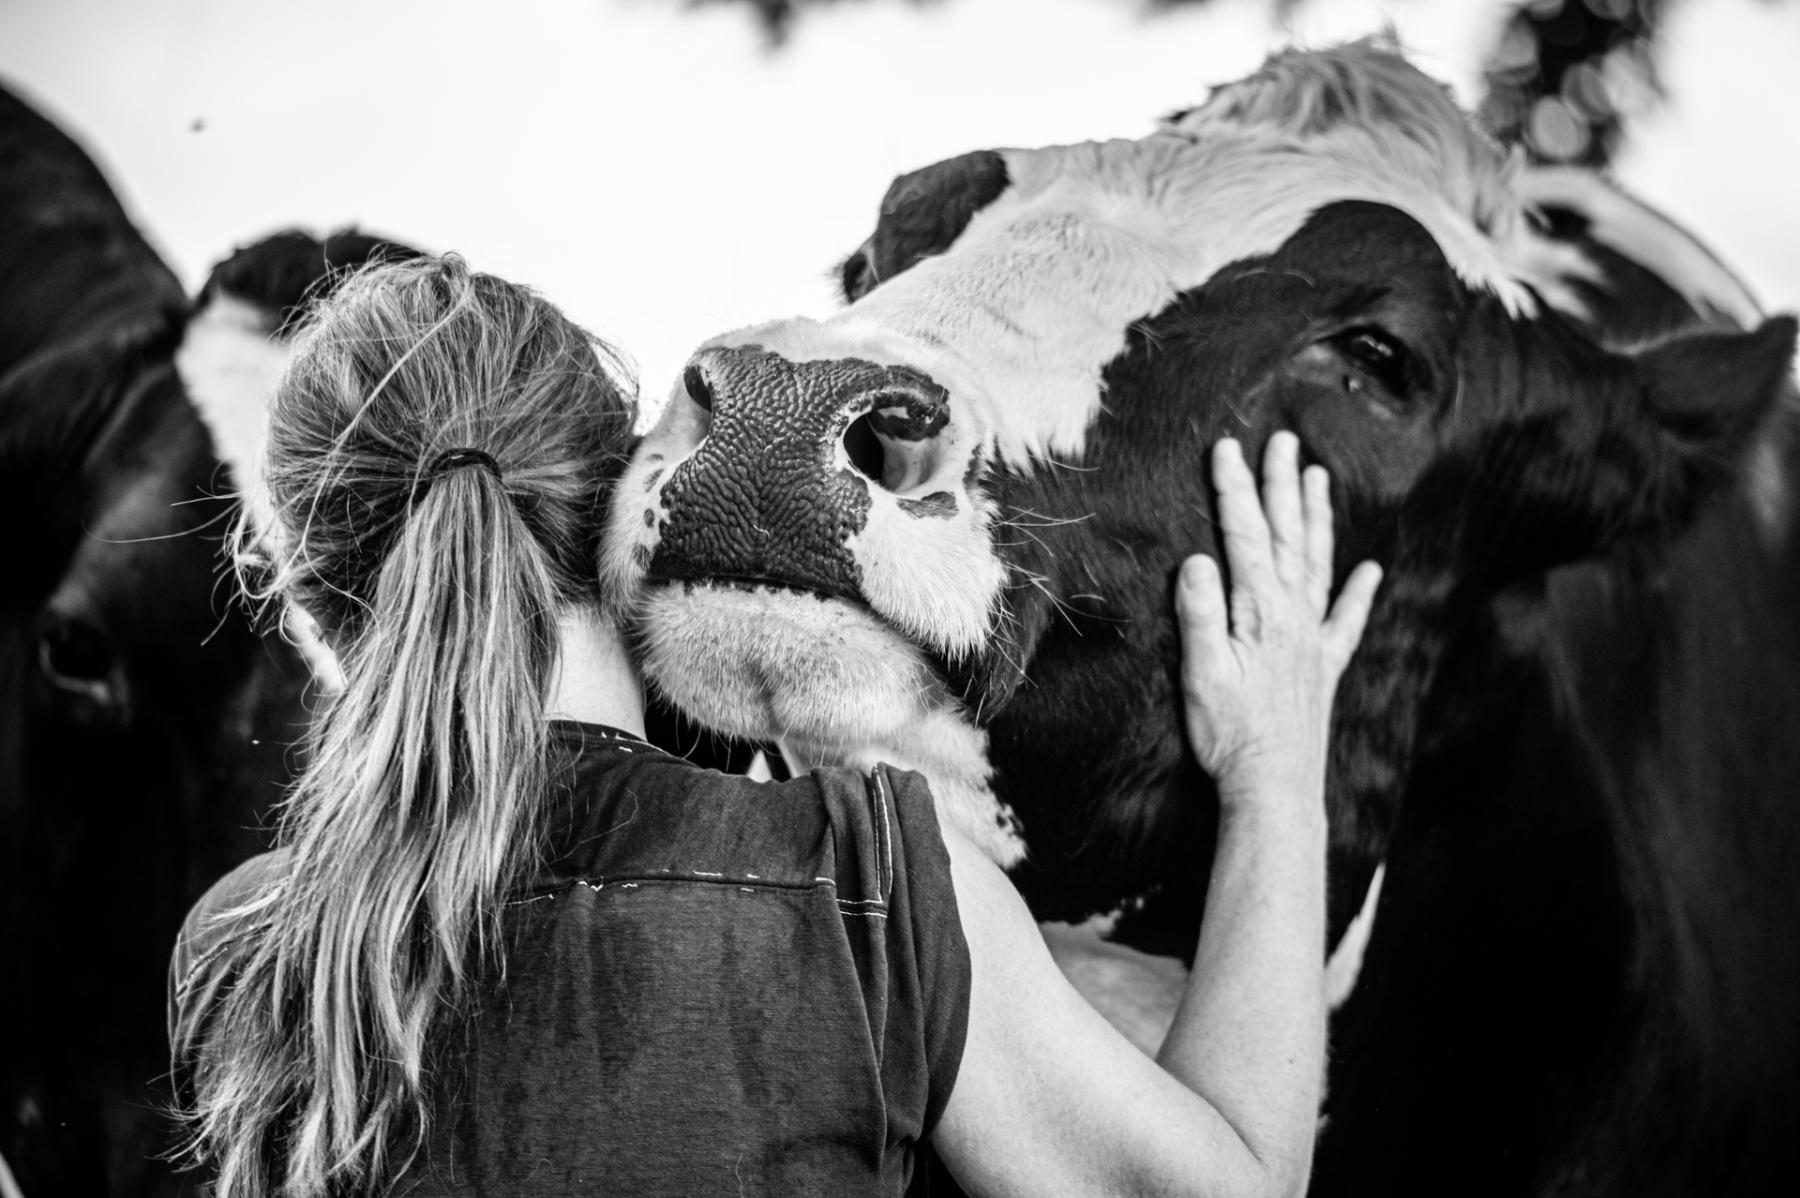 Sanctuary - We Animals Media